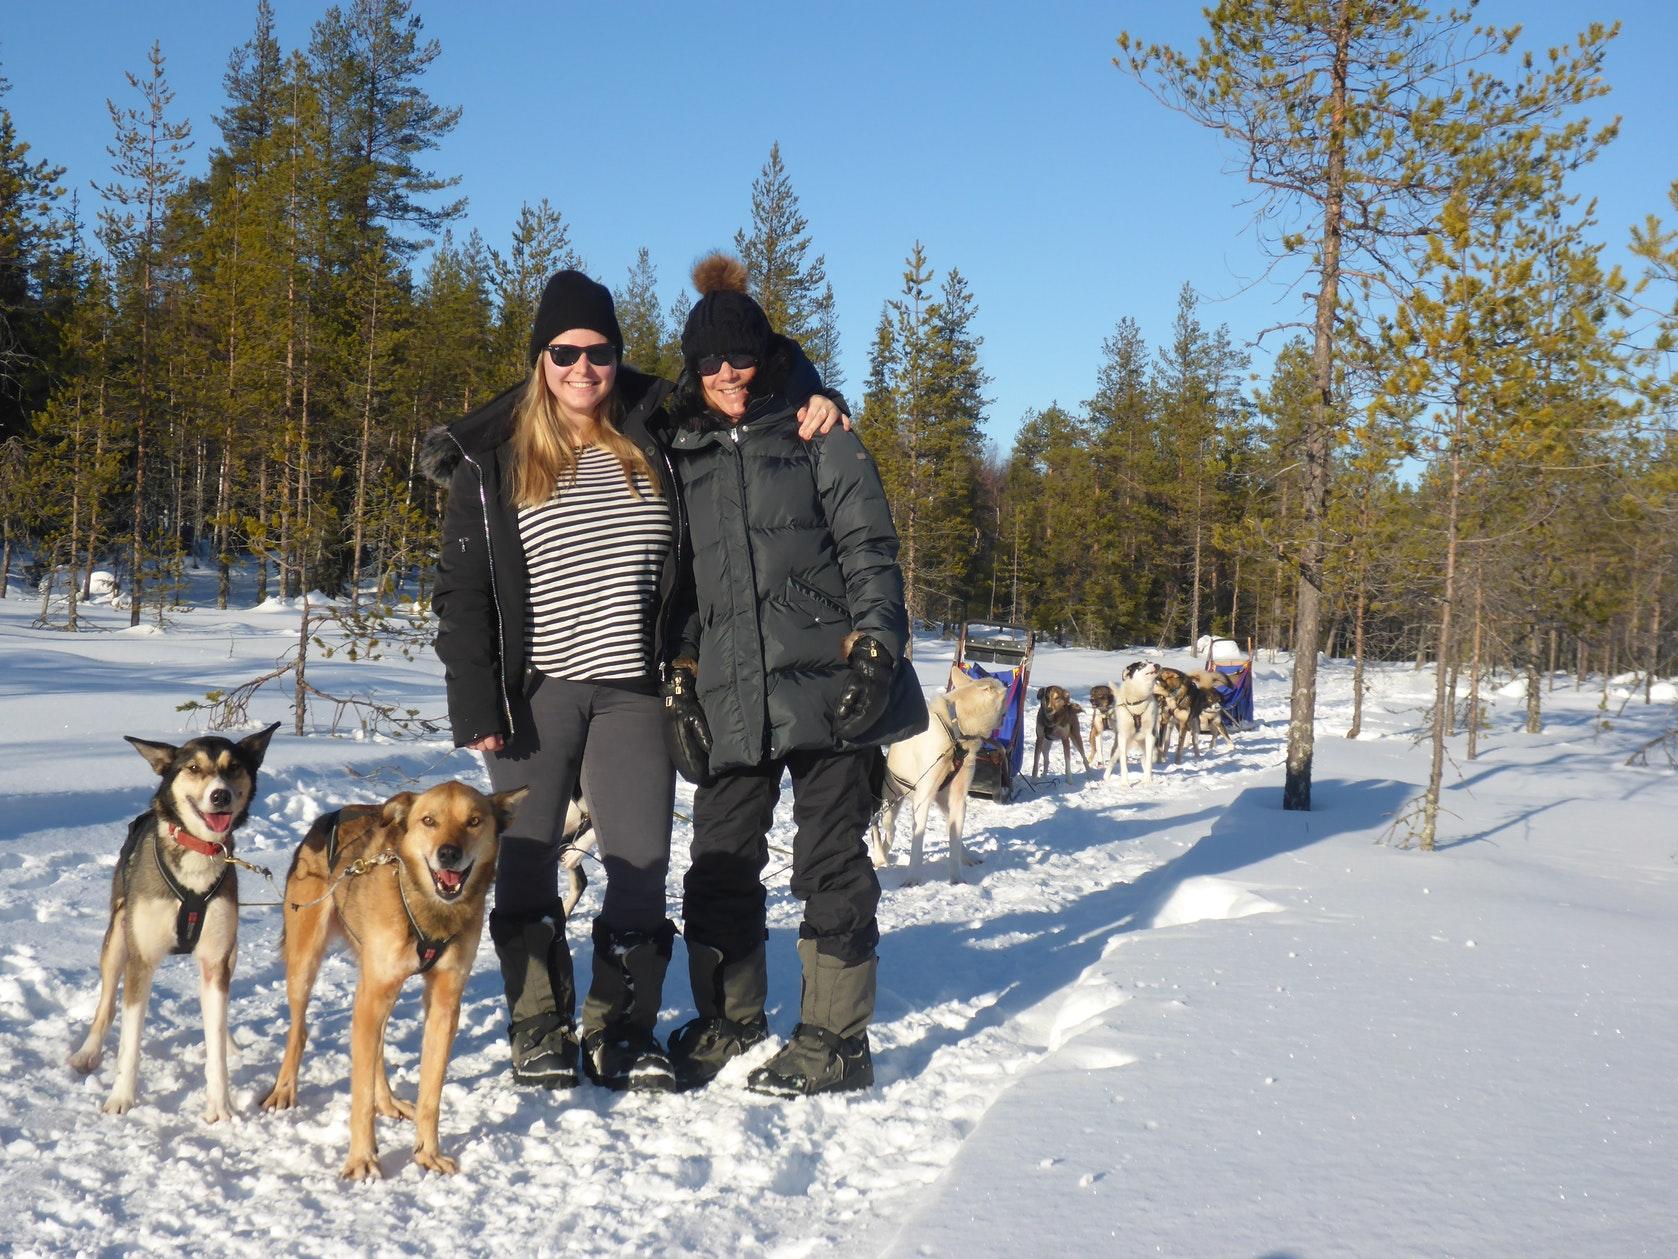 wintertour_halfdayhuskytour_5